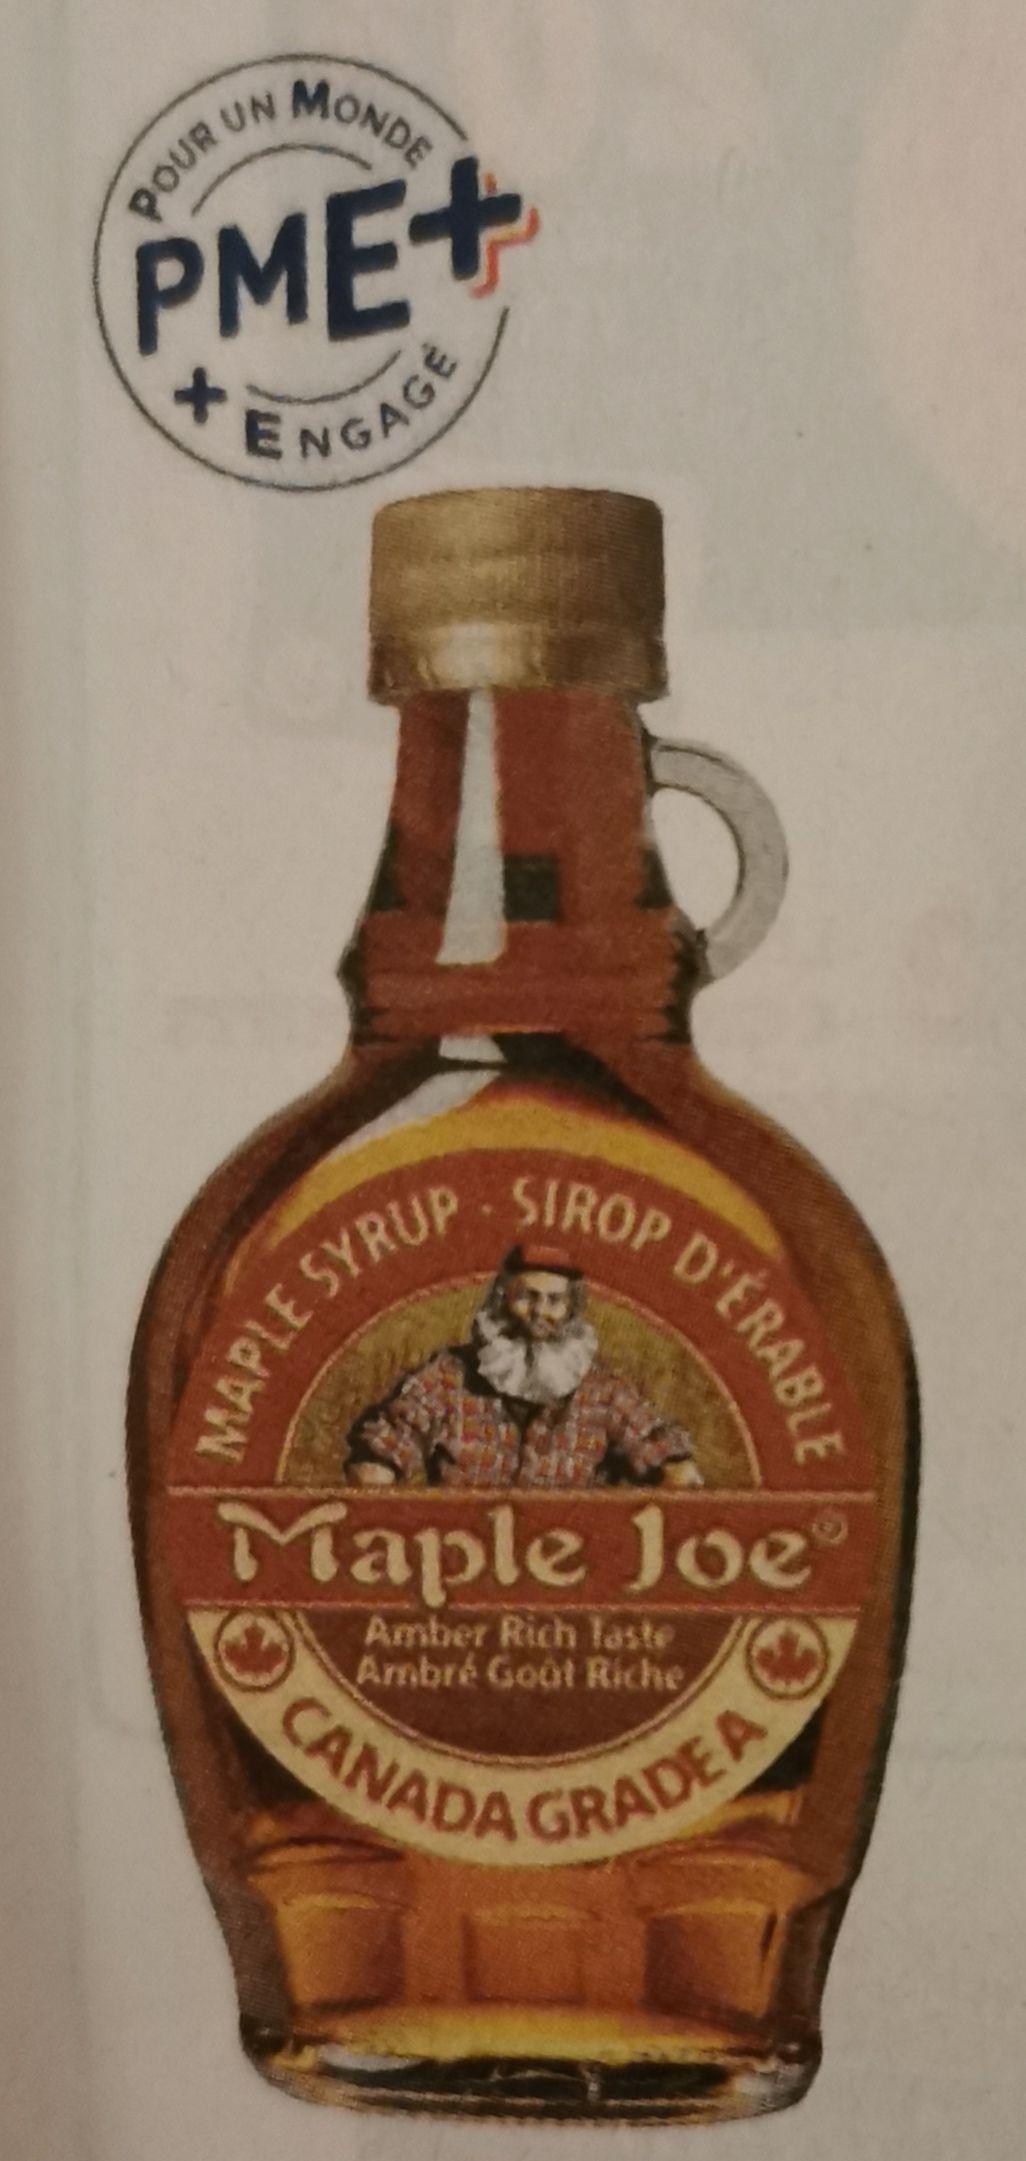 Bouteille de sirop d'érable Maple Joe - 250g